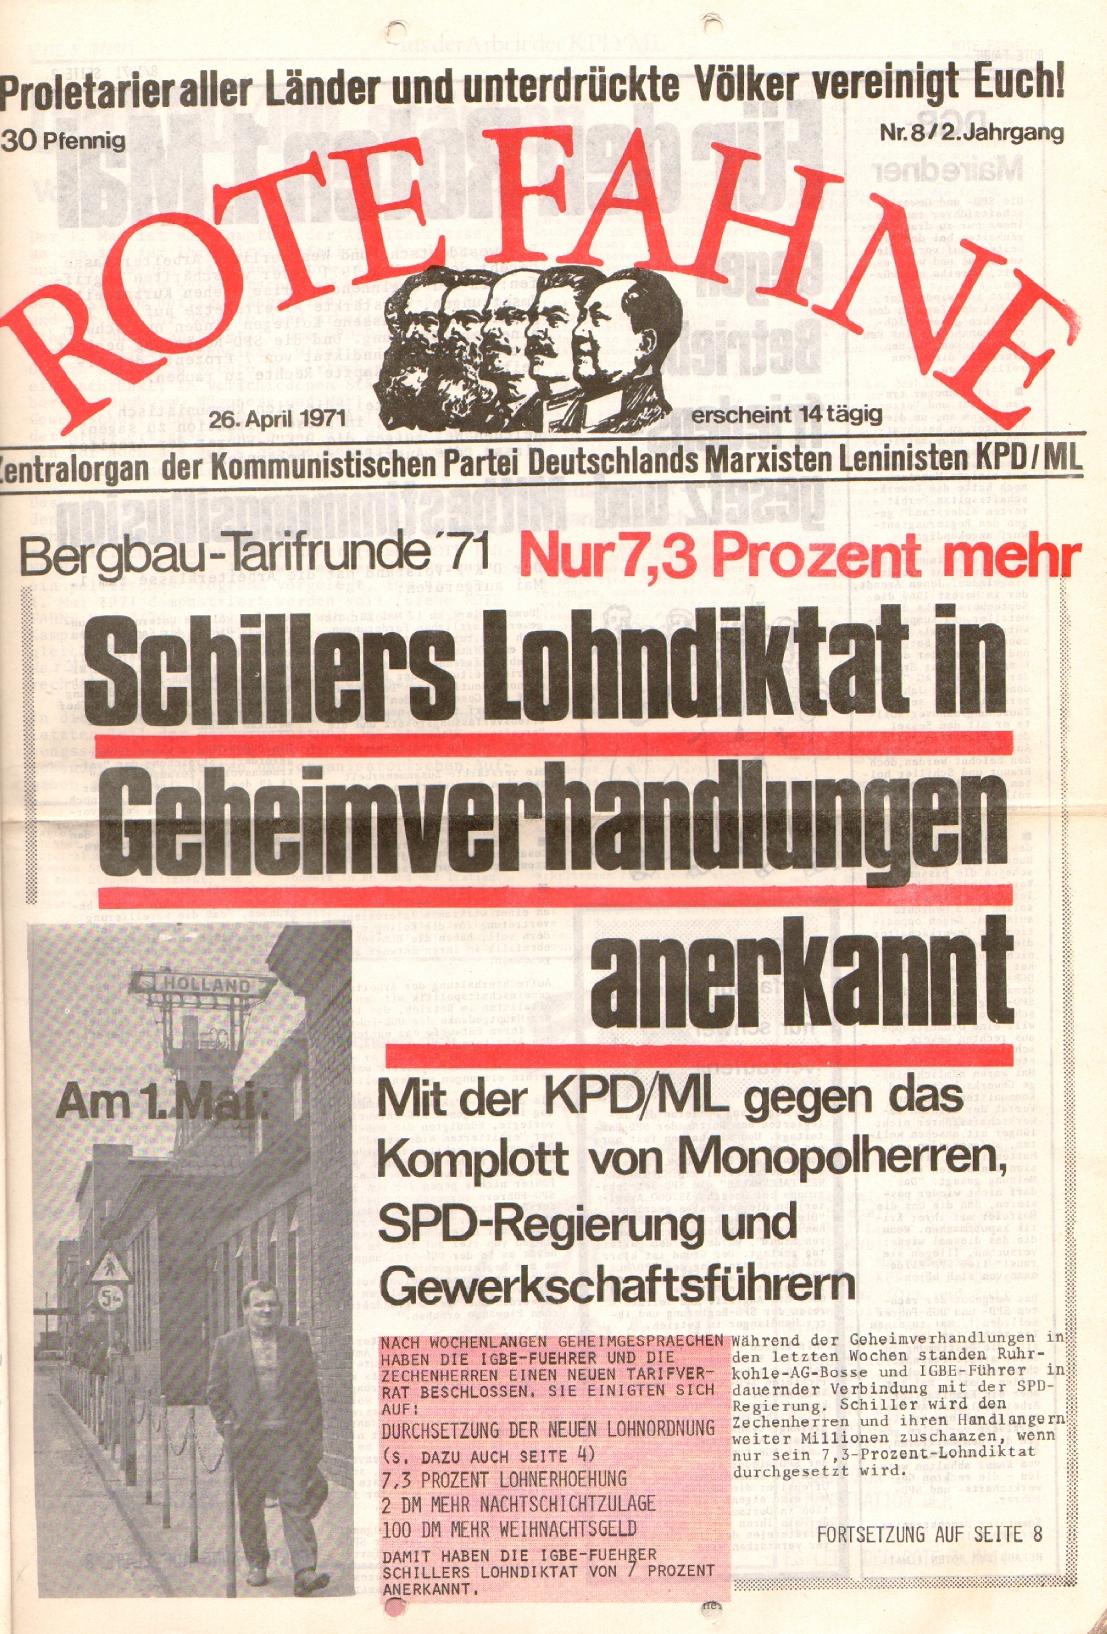 Rote Fahne, 2. Jg., 26.4.1971, Nr. 8, Seite 1